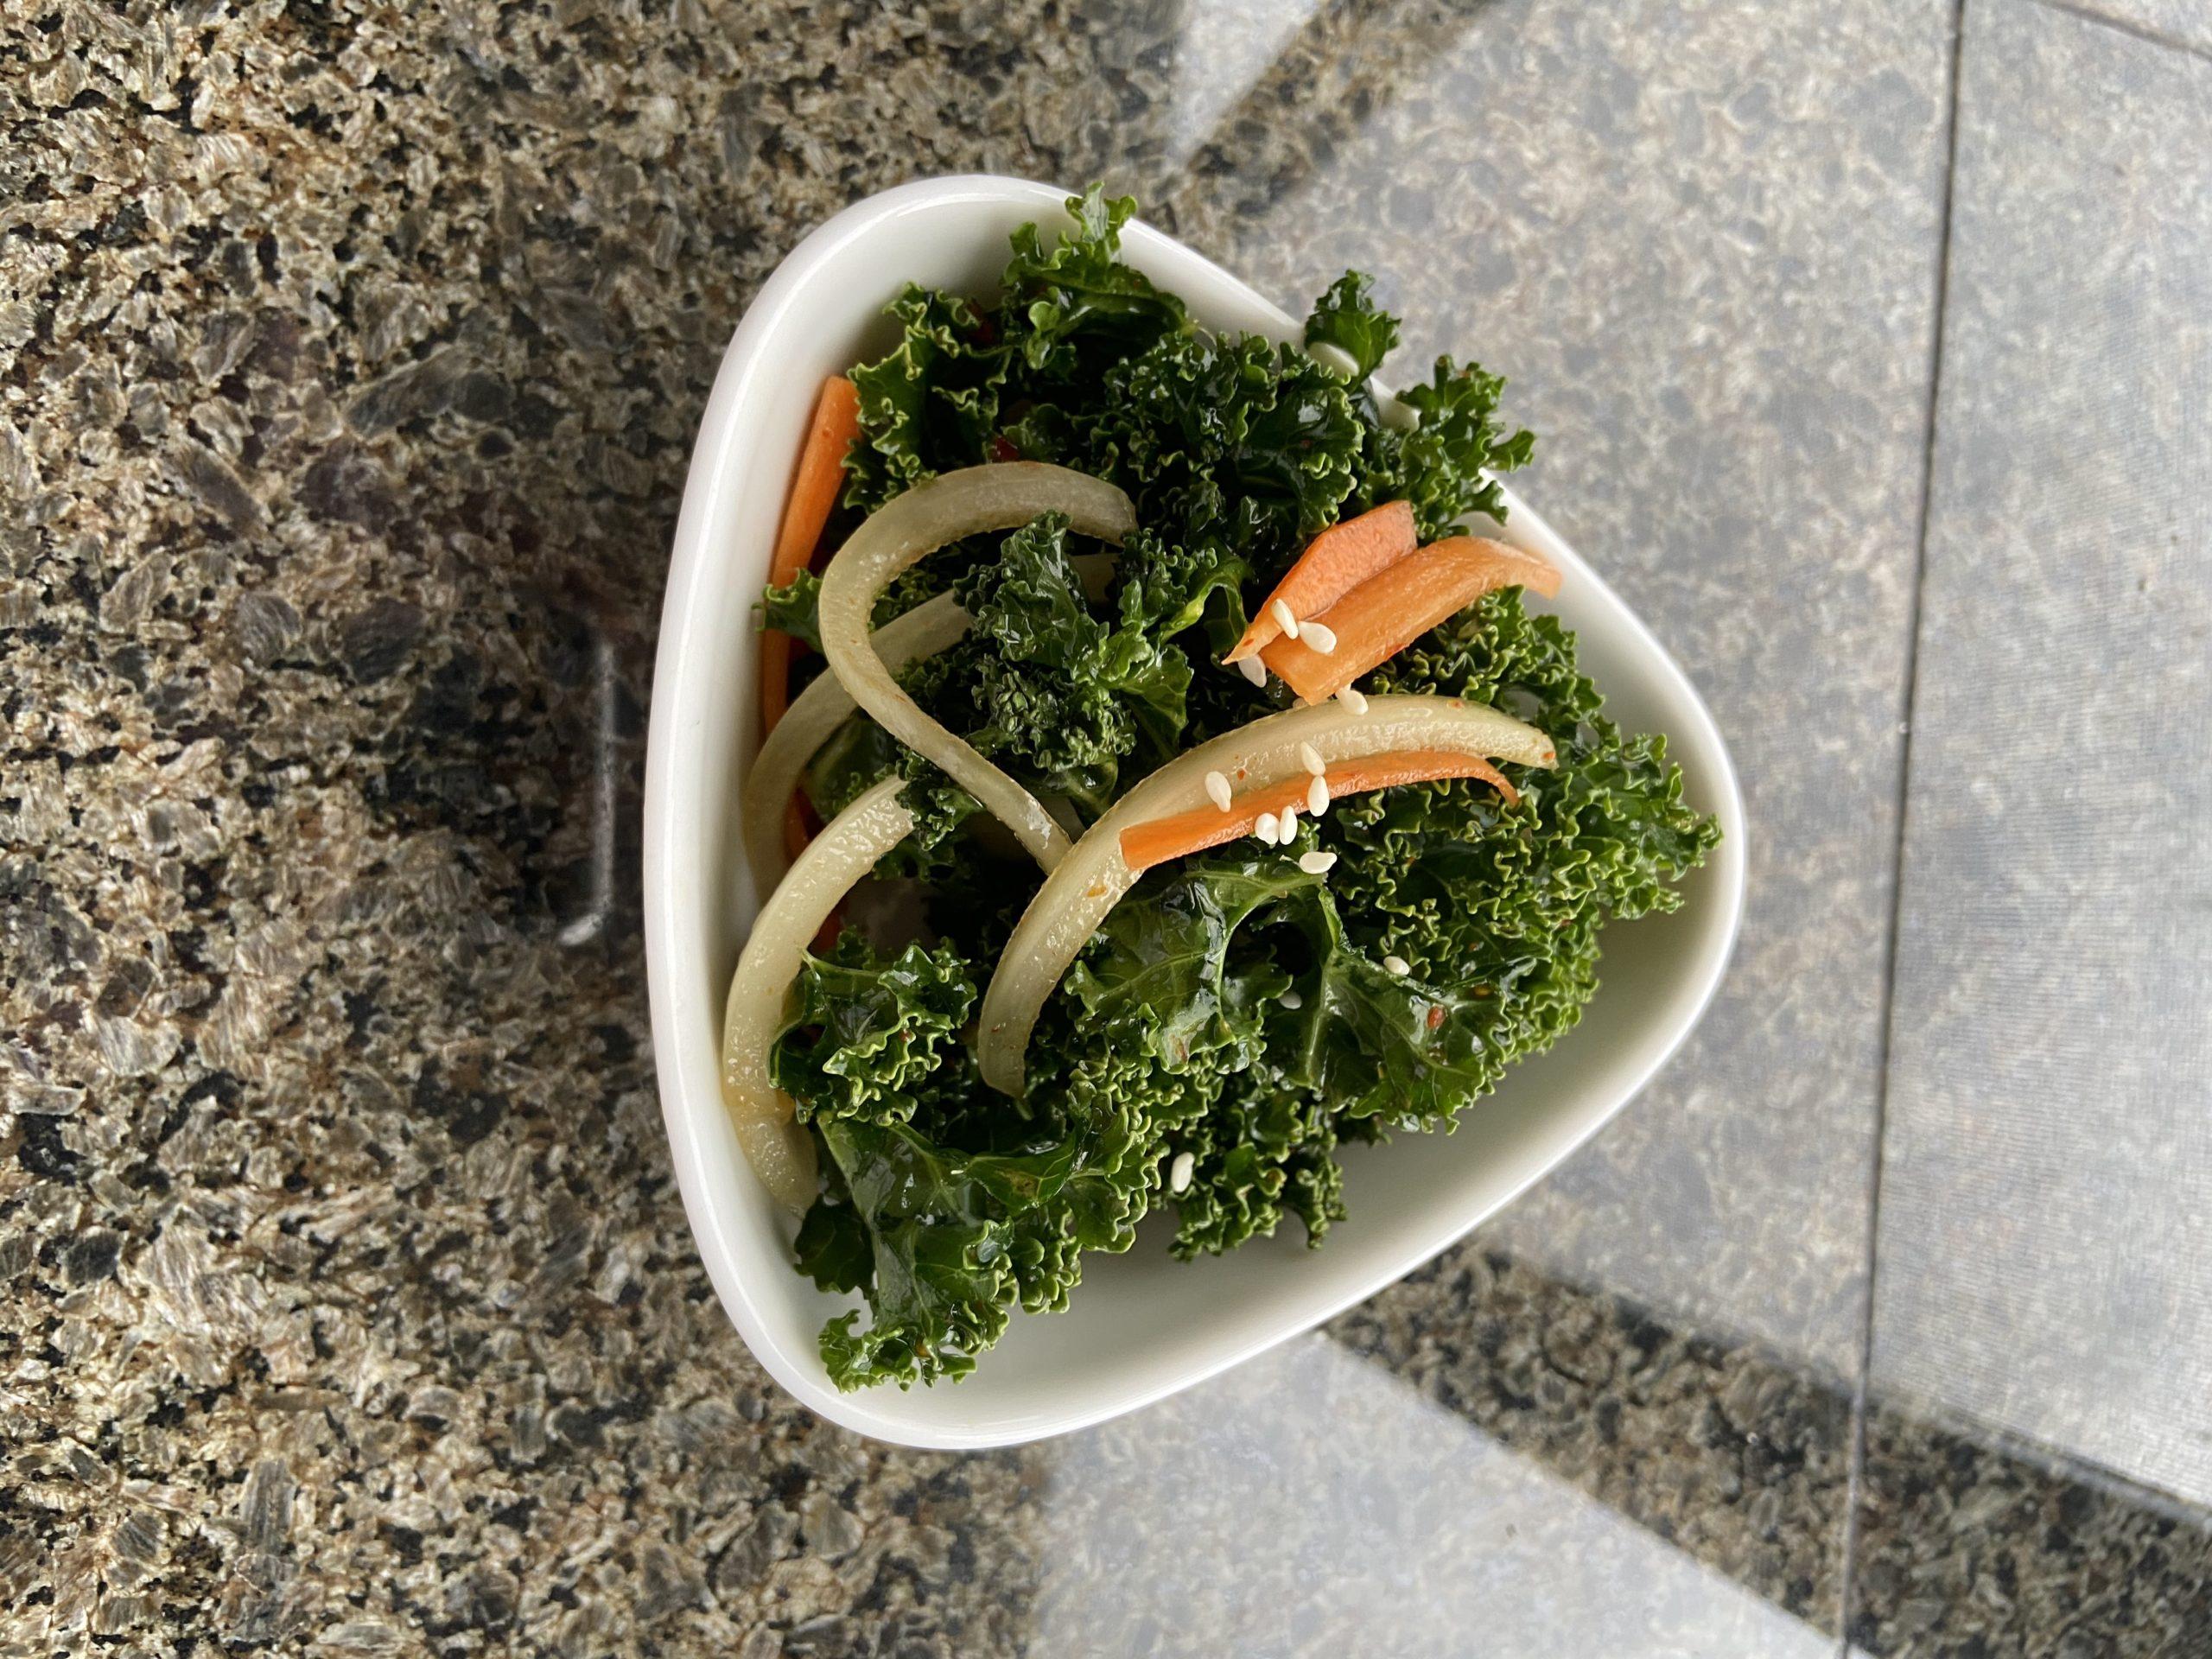 Korean Kale Salad